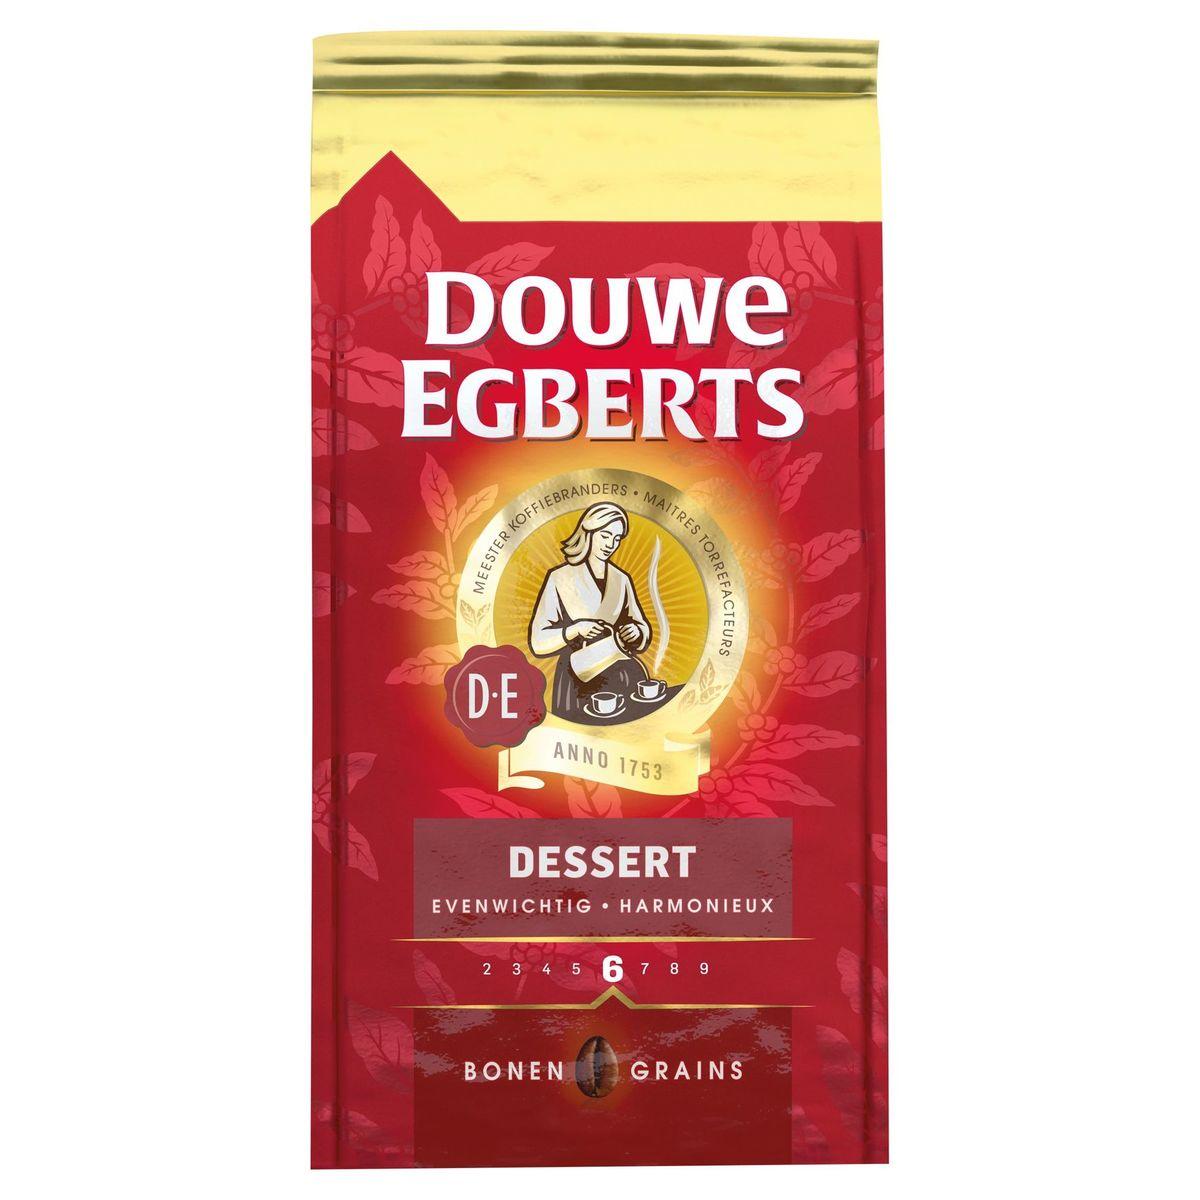 DOUWE EGBERTS Café Grains Dessert 500 g